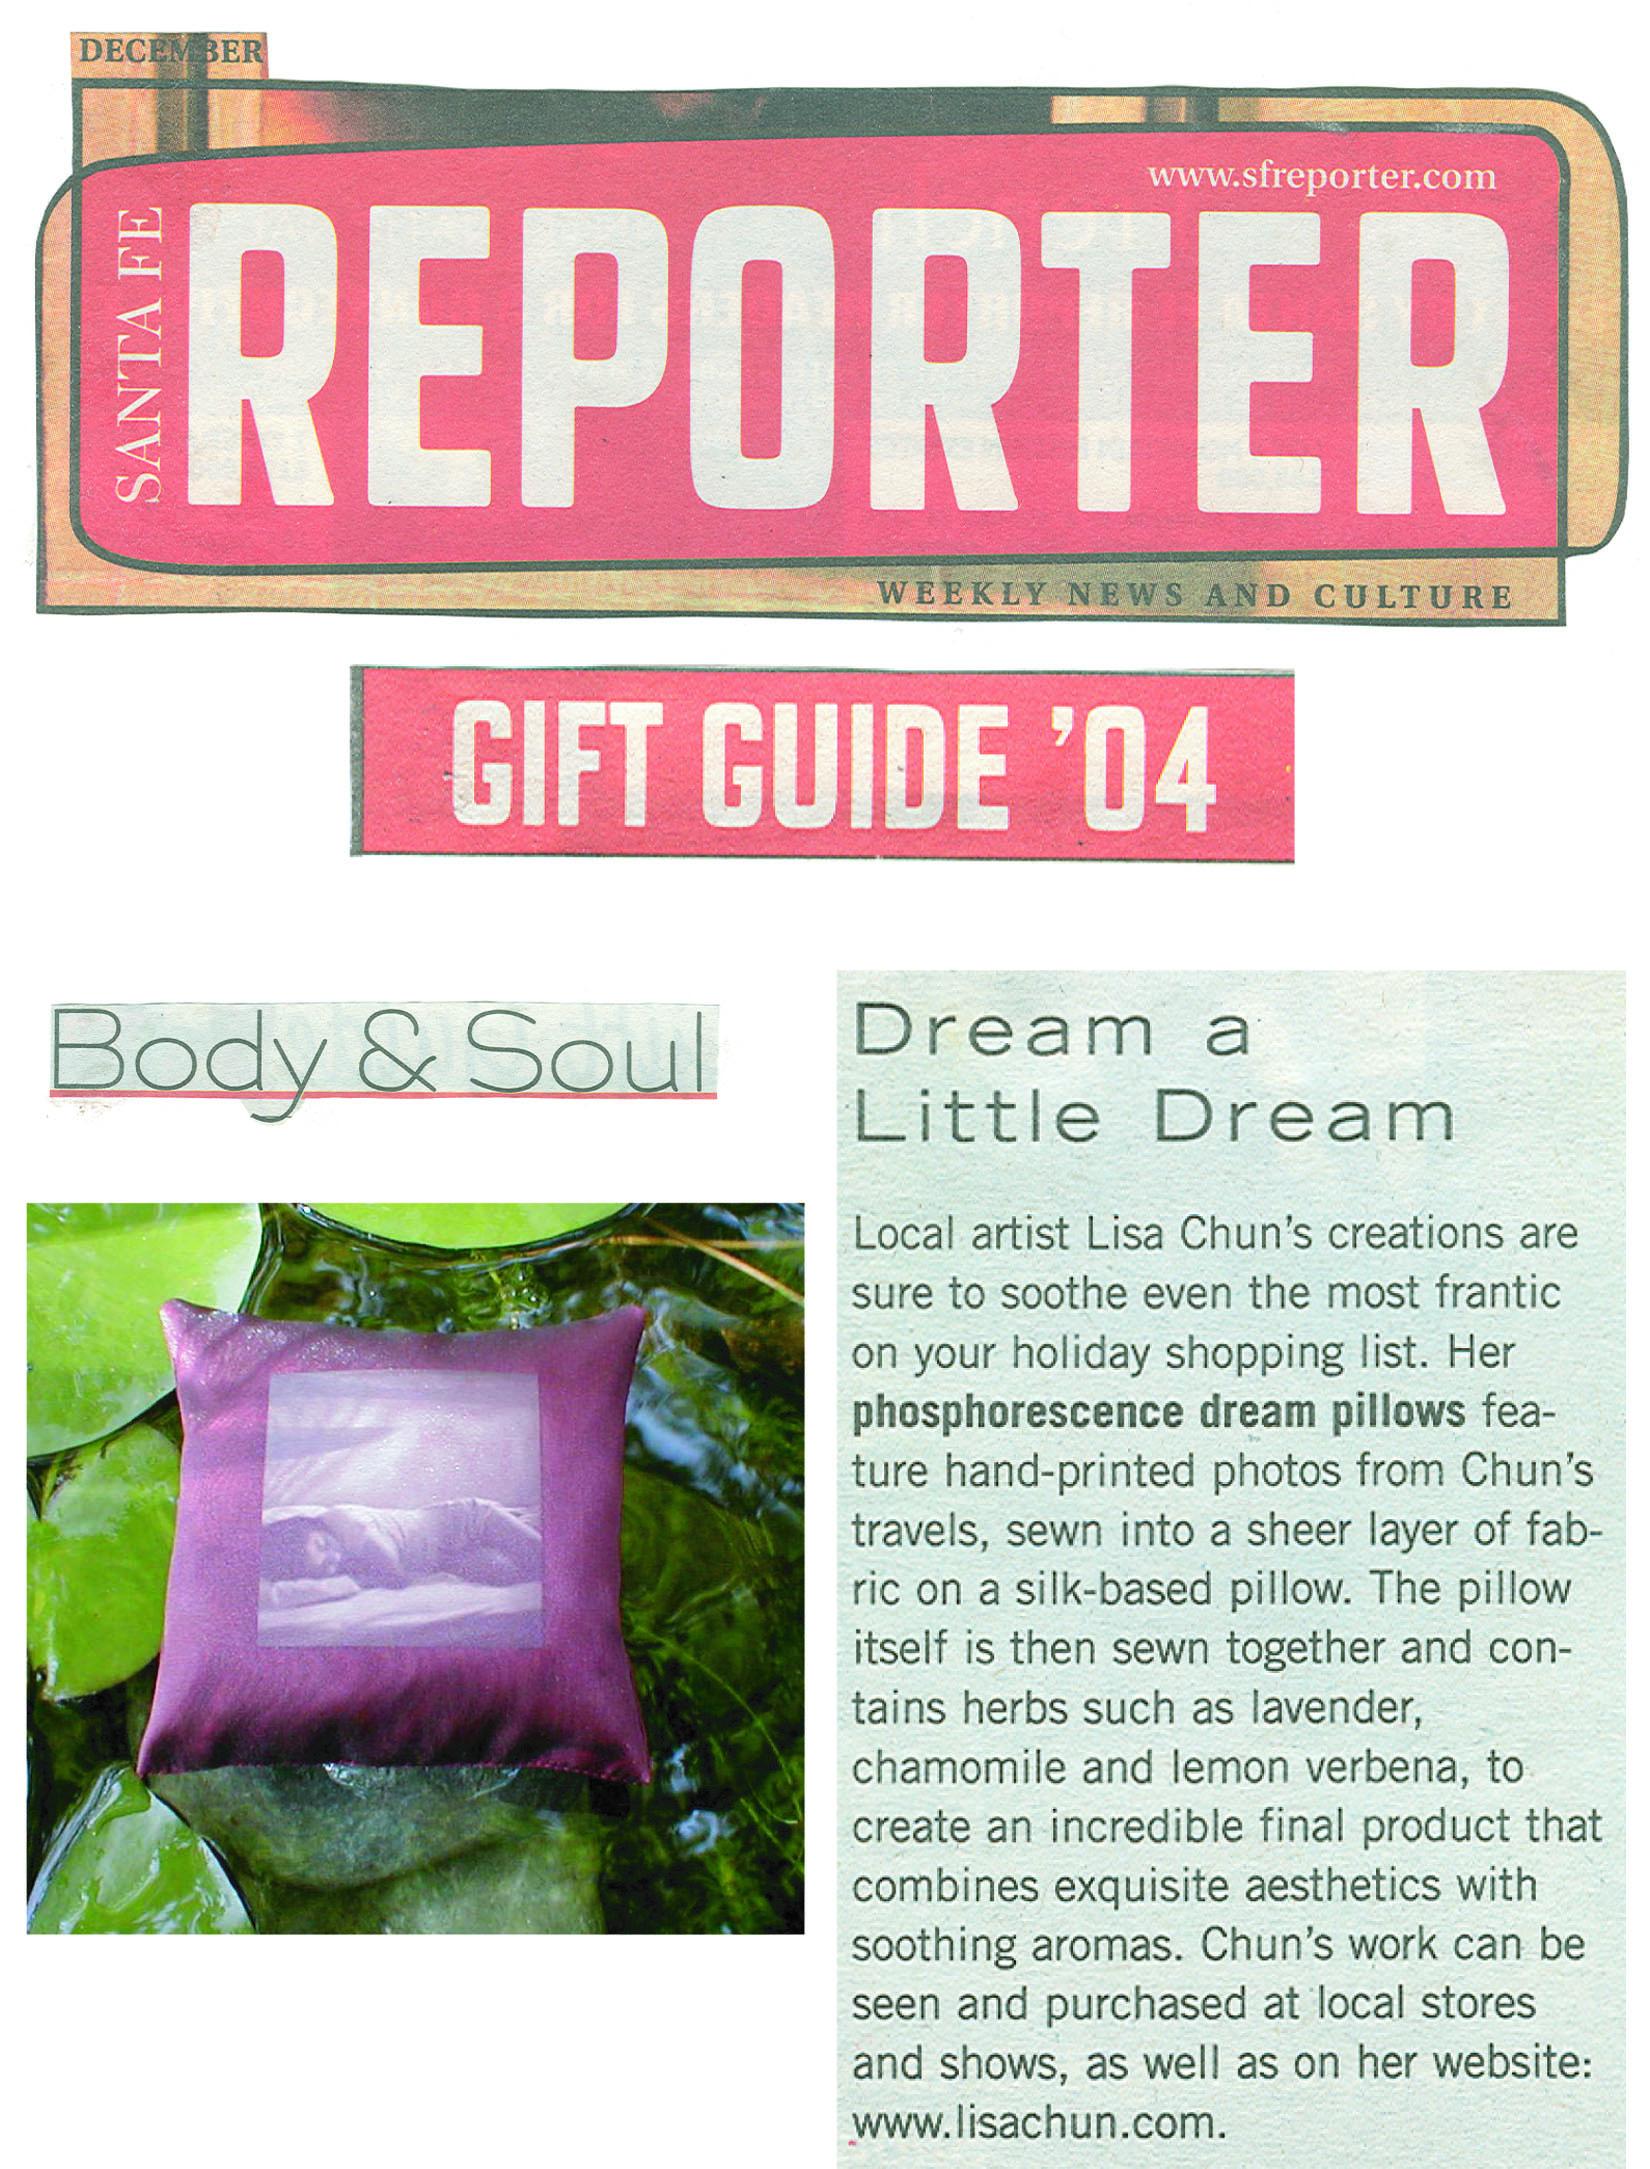 santa fe reporter gift guide 12-04.jpg